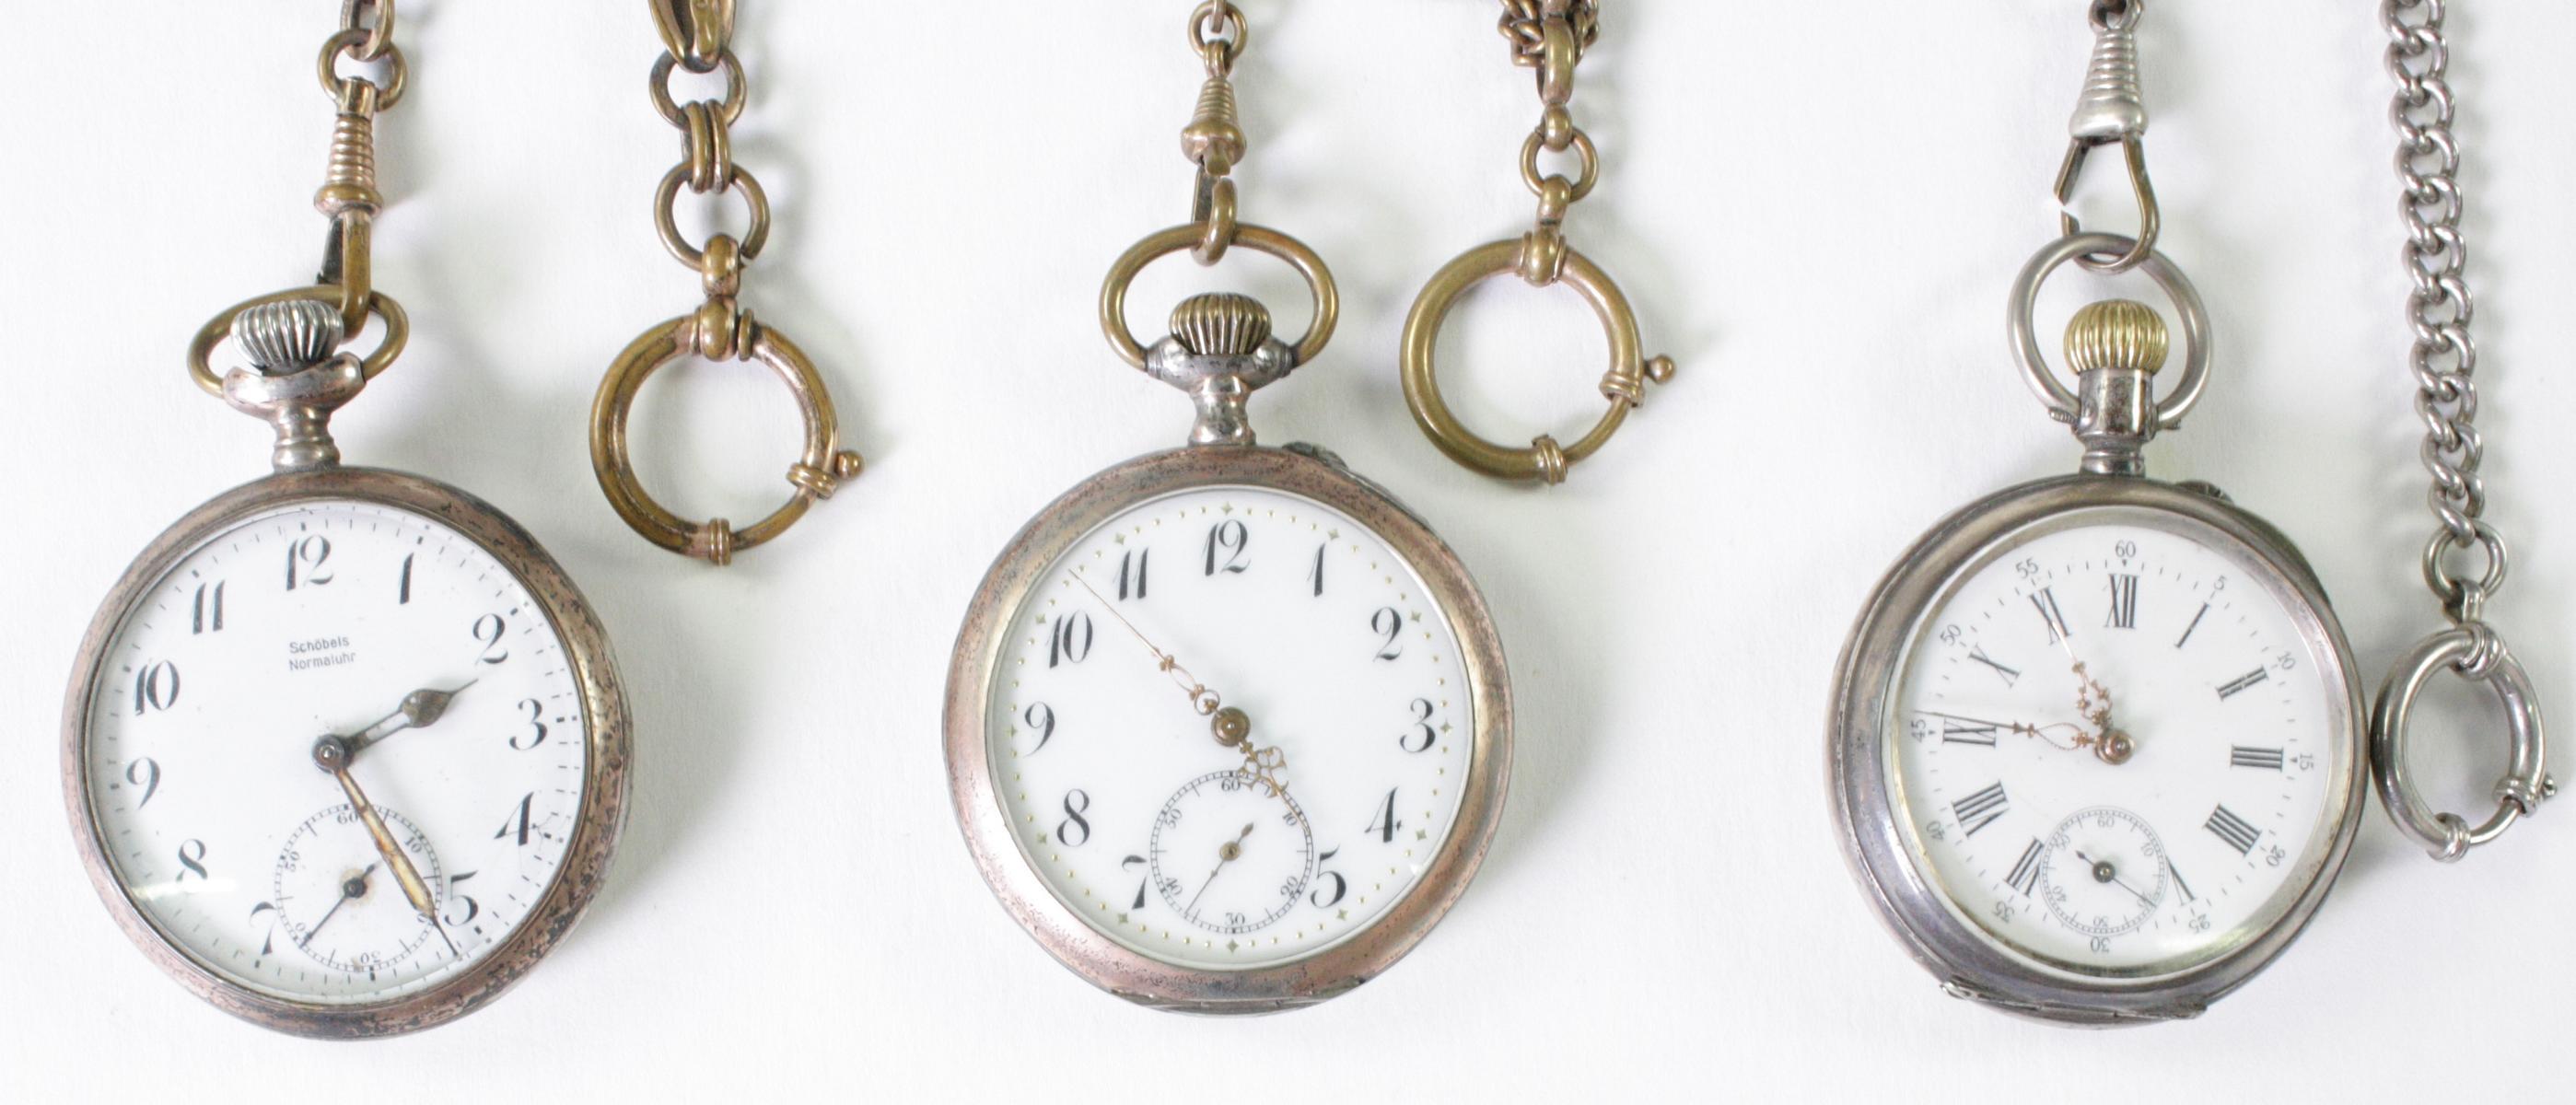 Drei antike Taschenuhren um 1900 aus Silber-2